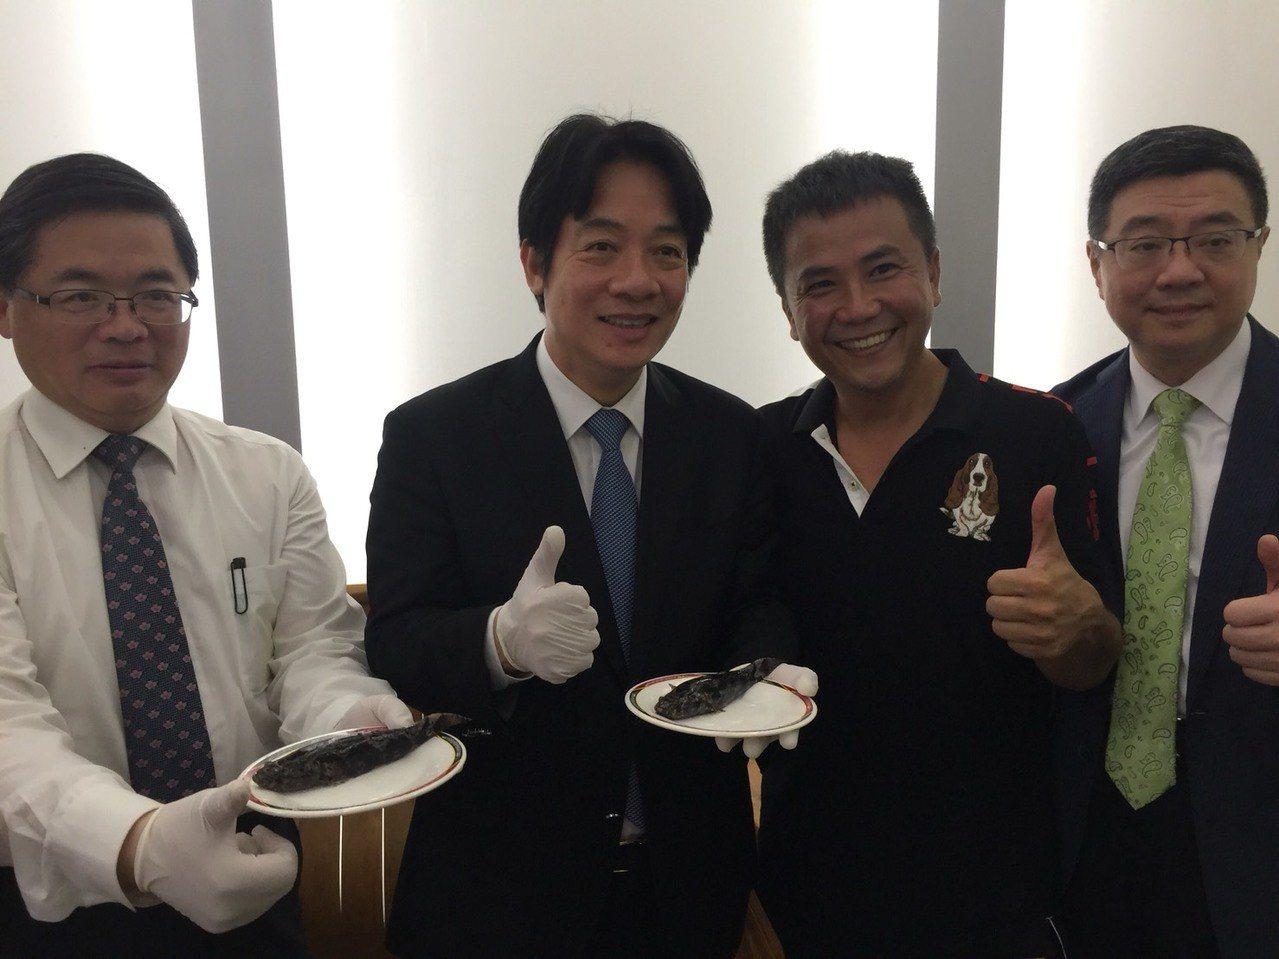 行政院長賴清德(左二)端著裝有筍殼魚的盤子,讓記者拍照。記者吳政修/攝影